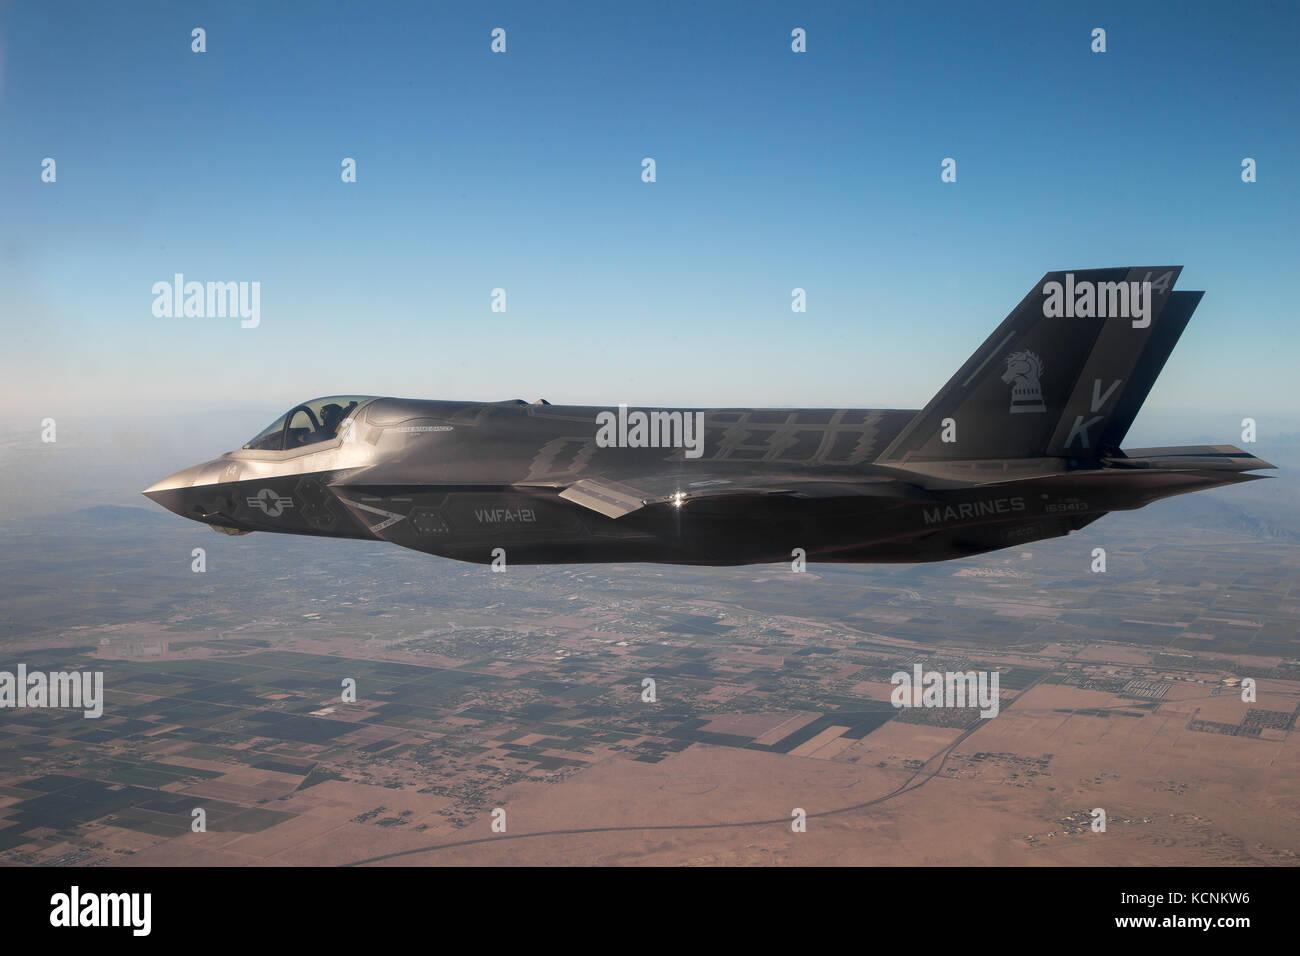 Un Corps des Marines américains F-35B Lightning II attribué à Marine Aviation armes et tactiques d'un escadron (MAWTS-1) Banque D'Images